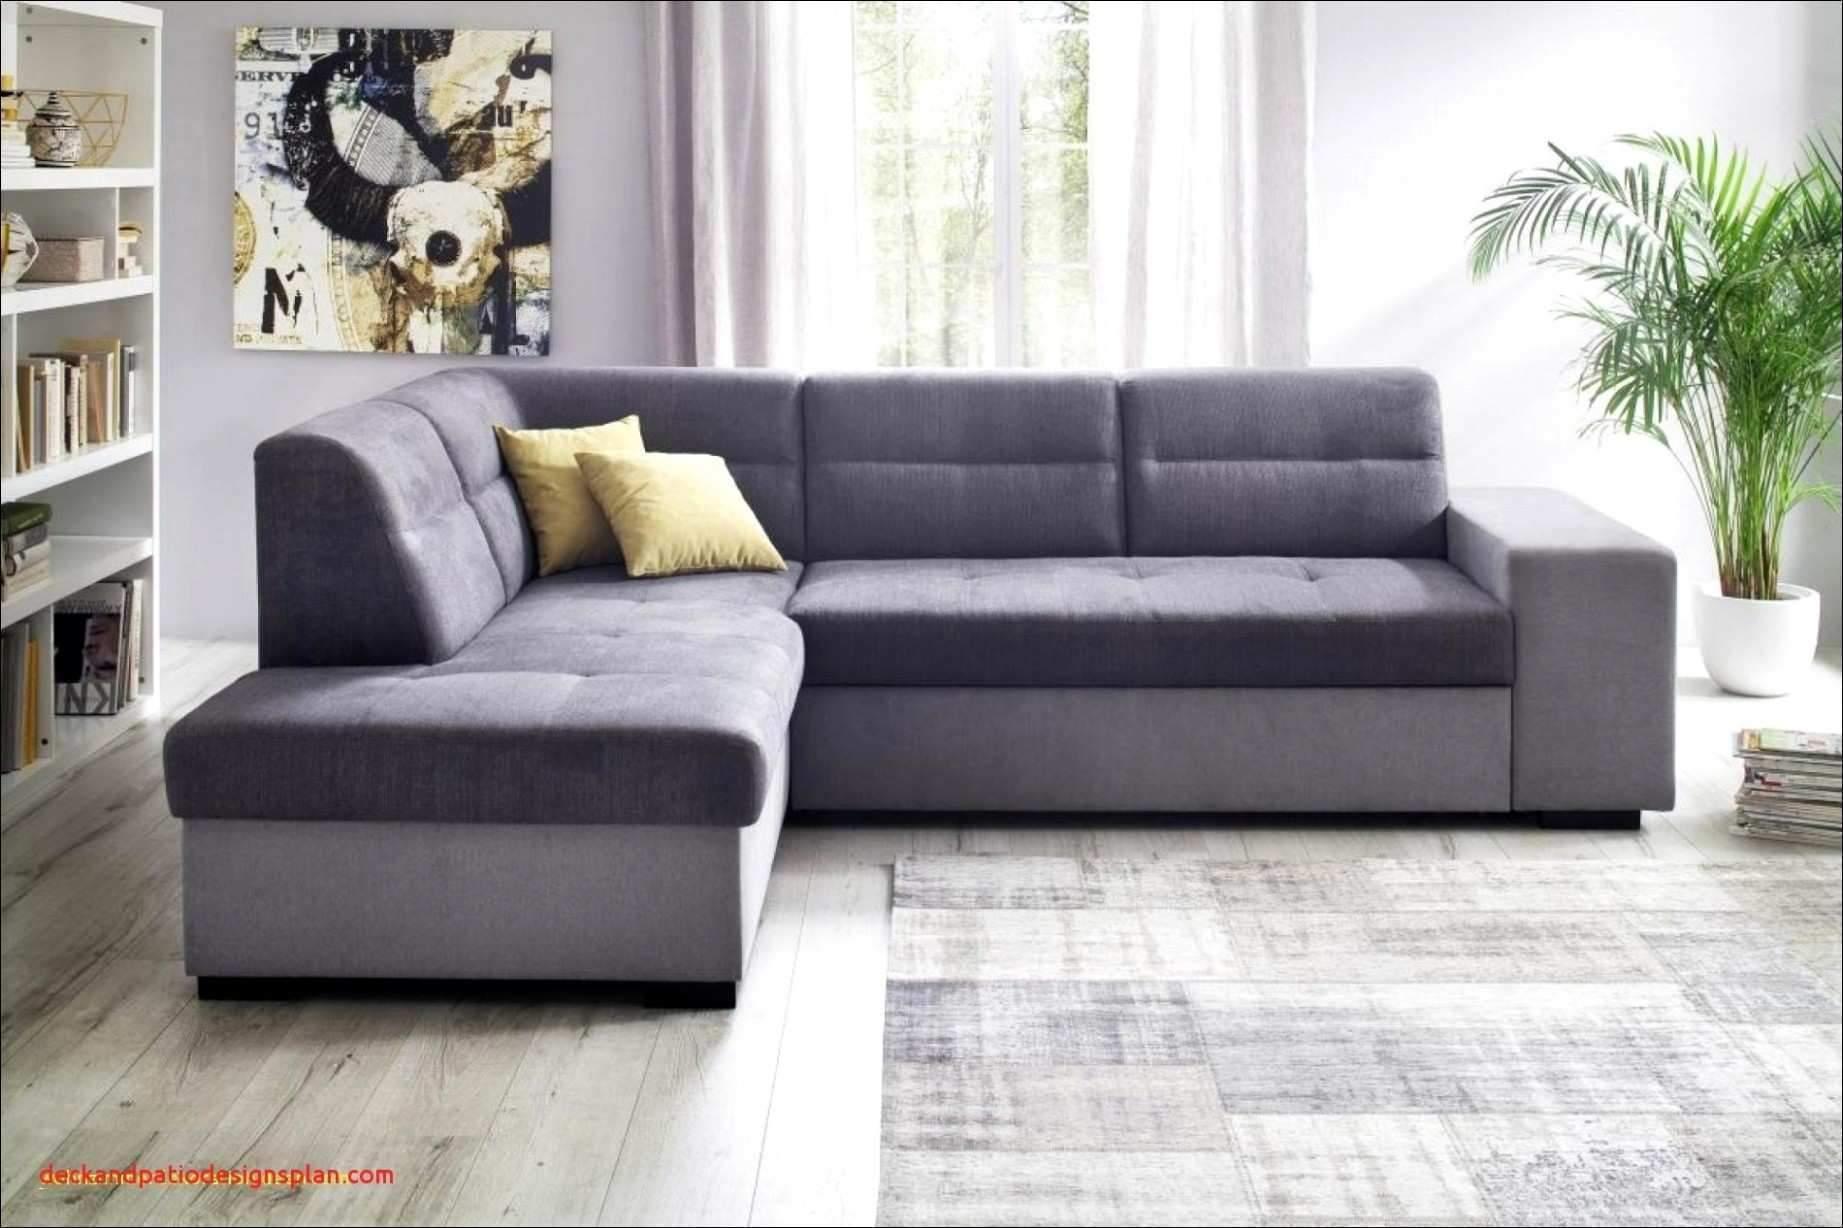 wanddeko wohnzimmer holz luxus wohnzimmer deko selber machen ideen was solltest du tun of wanddeko wohnzimmer holz